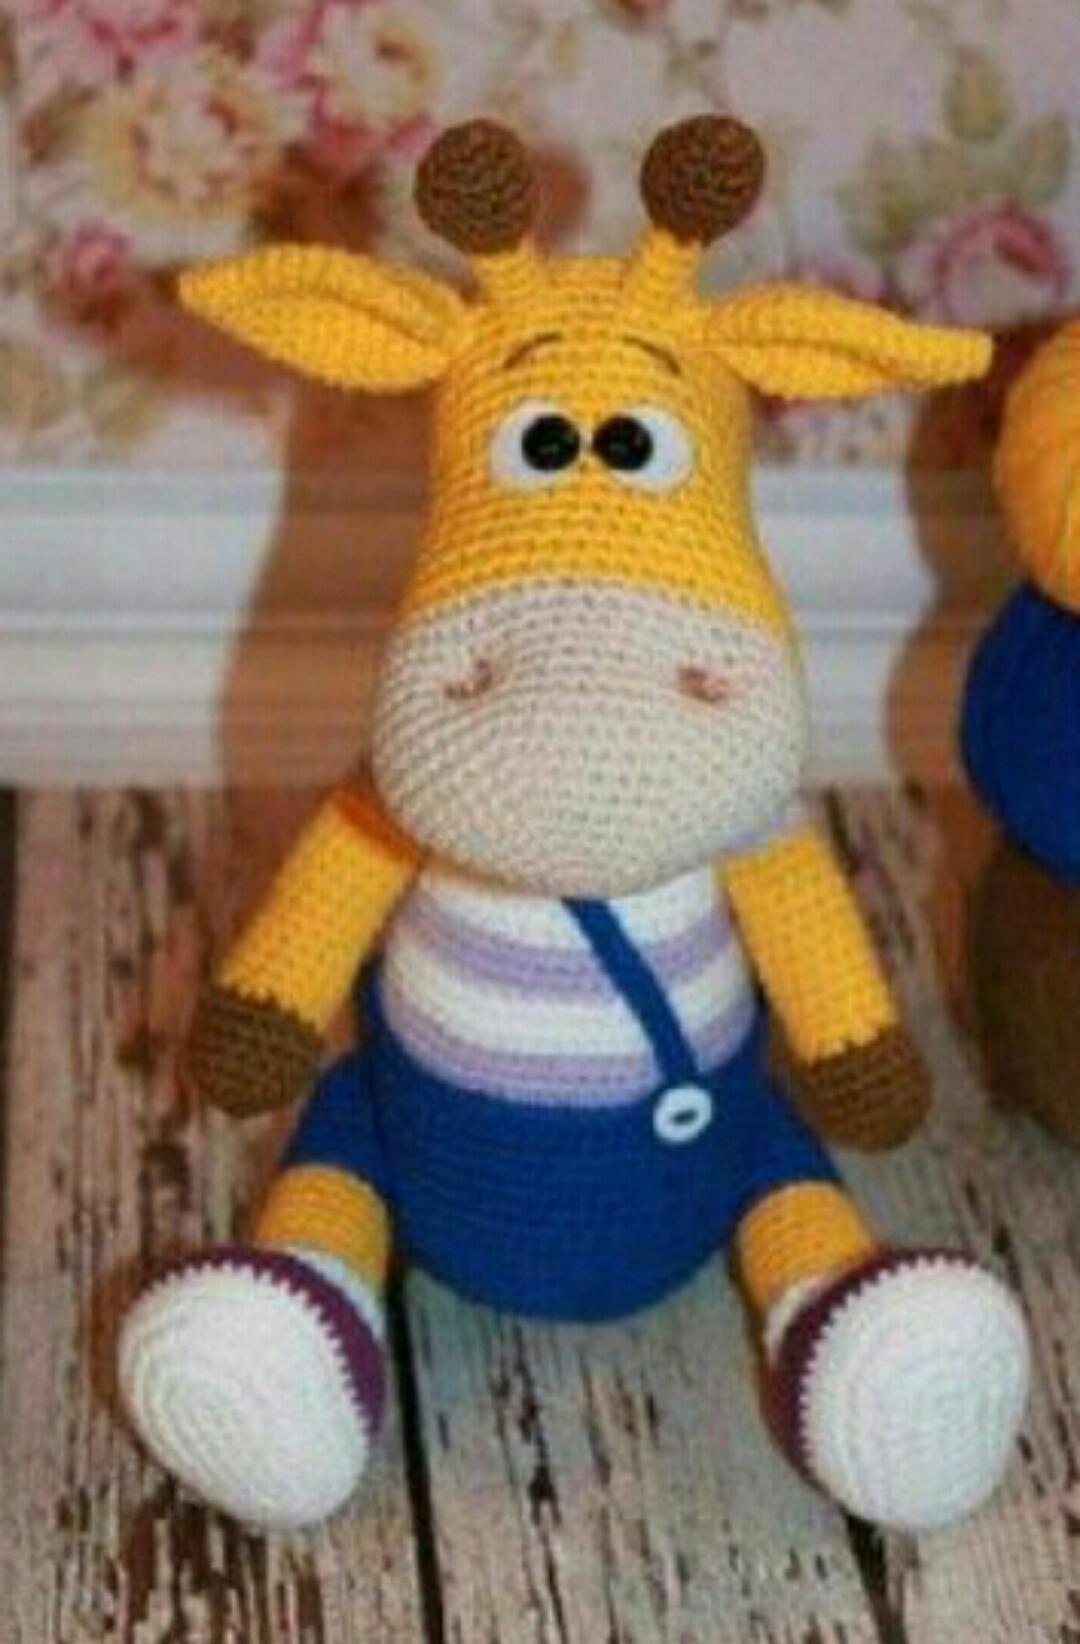 Amigurumi Kız Bebek Yapımı-Sihirli halka,amigurumi yapılışı ... | 1644x1080